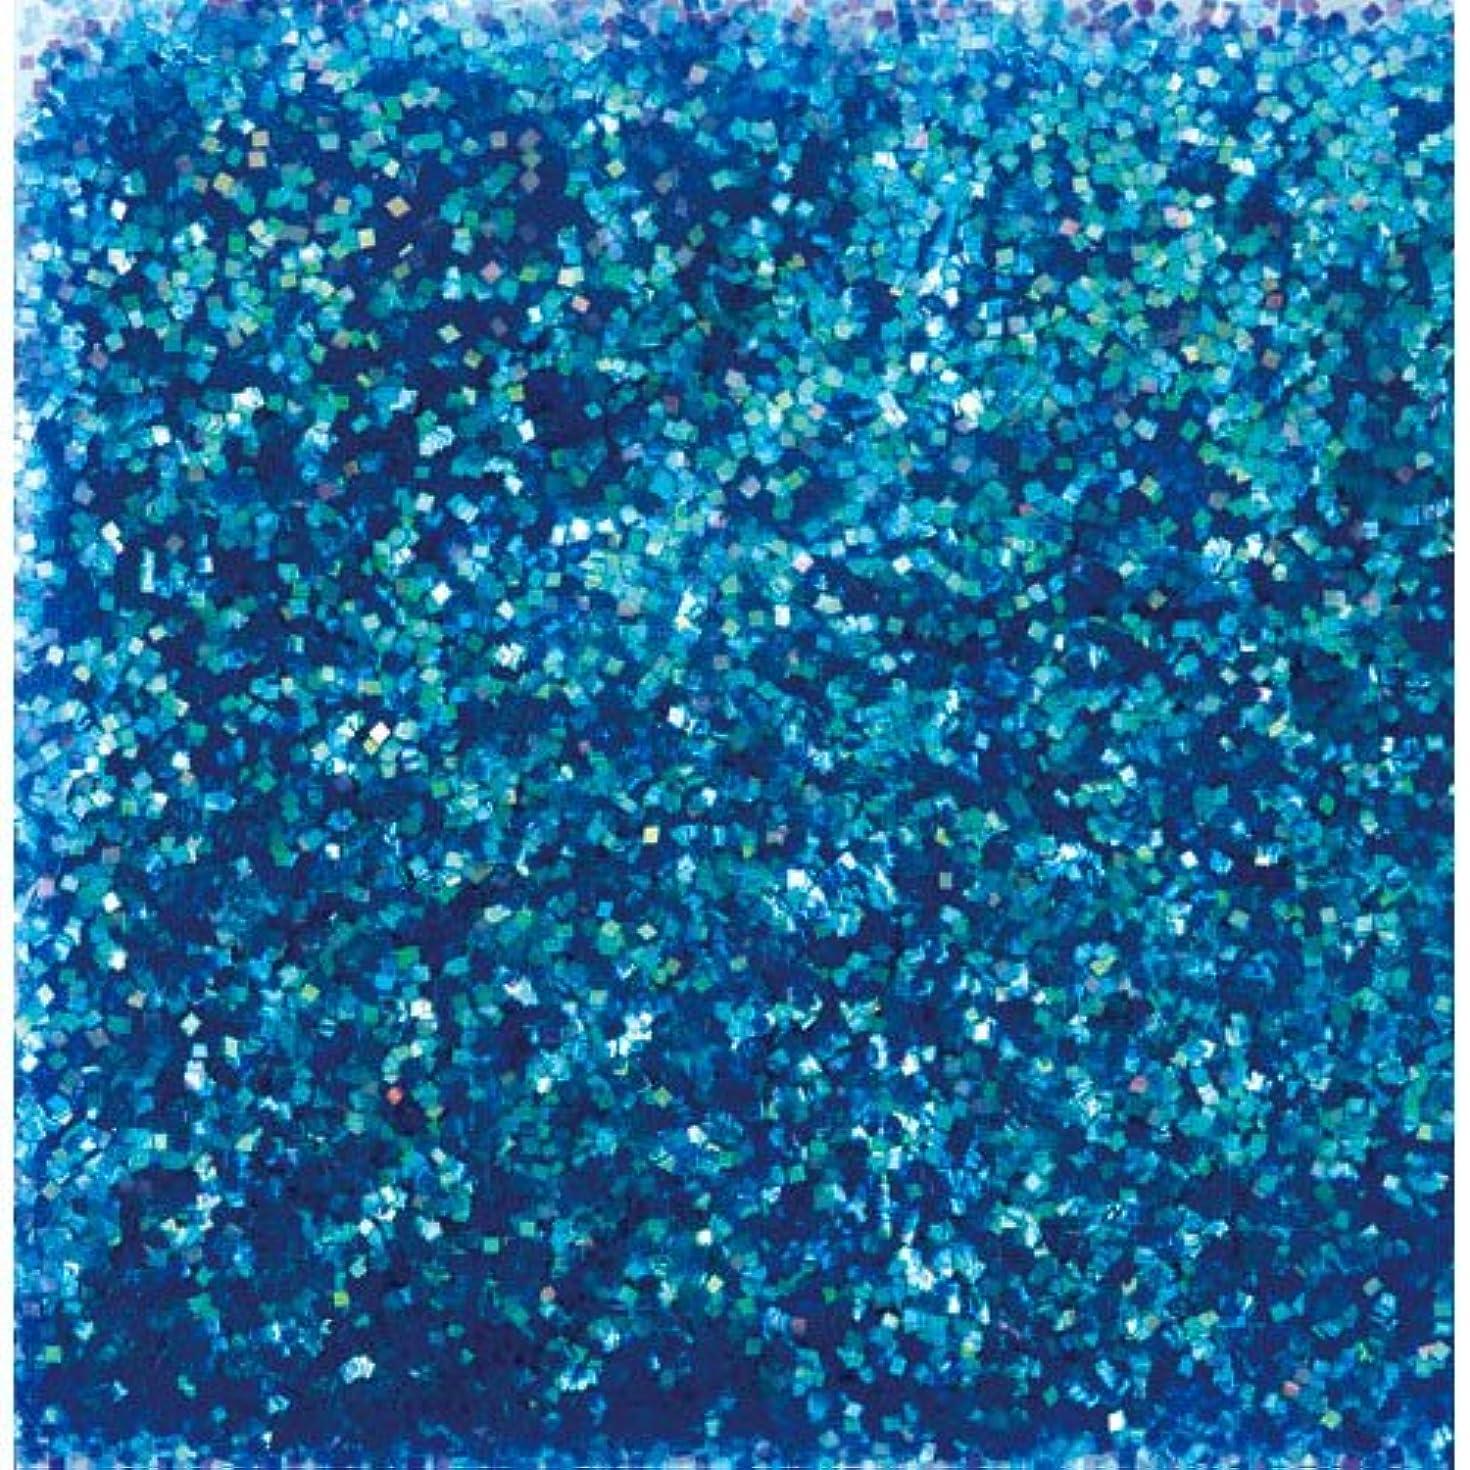 ダウンタウン緩やかなホールピカエース ネイル用パウダー ピカエース オーロラグリッター M #497 ブルー 1.5g アート材